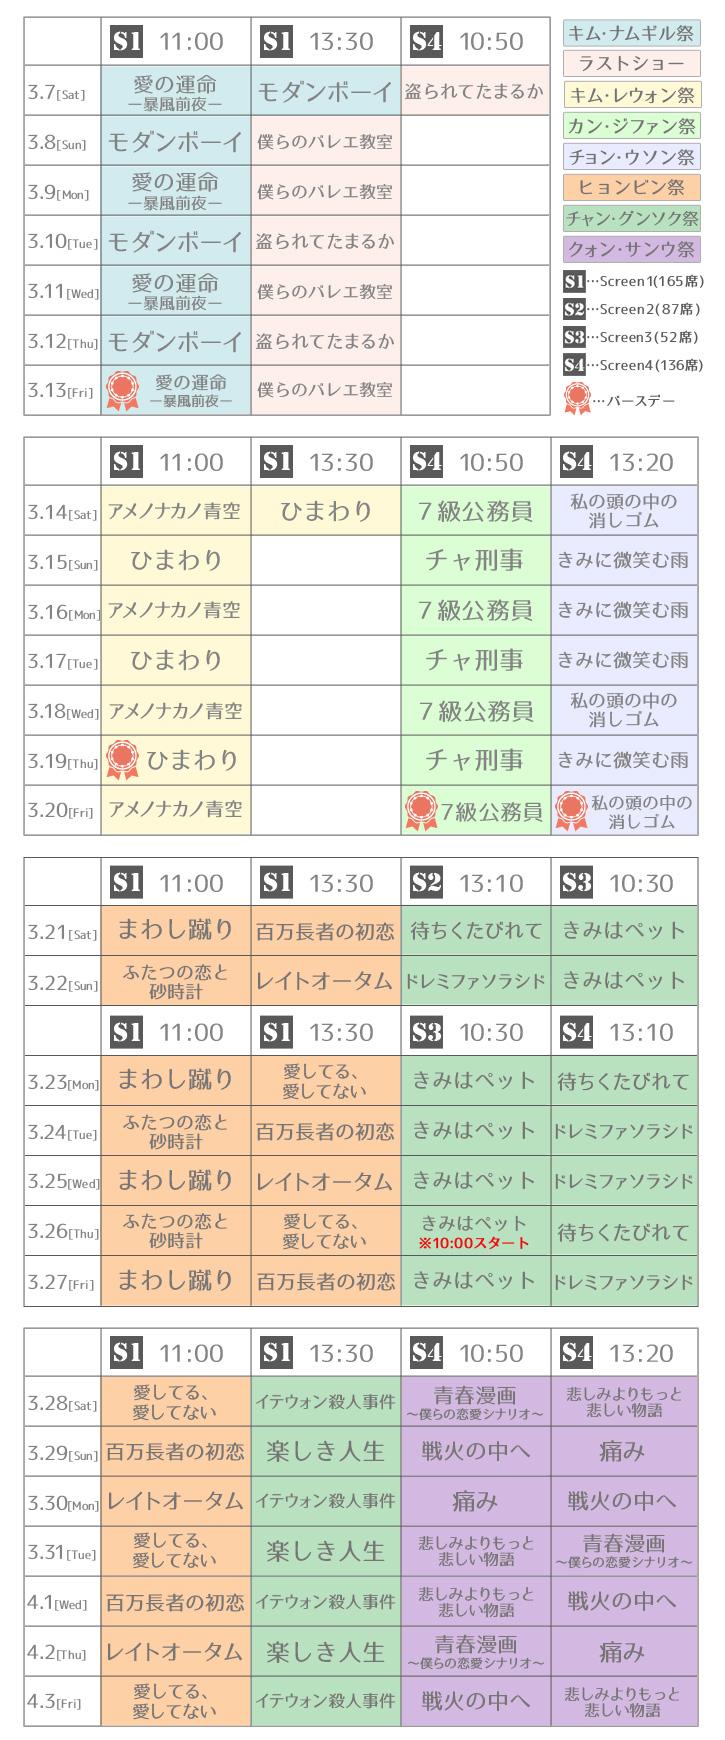 20175timetable.jpg